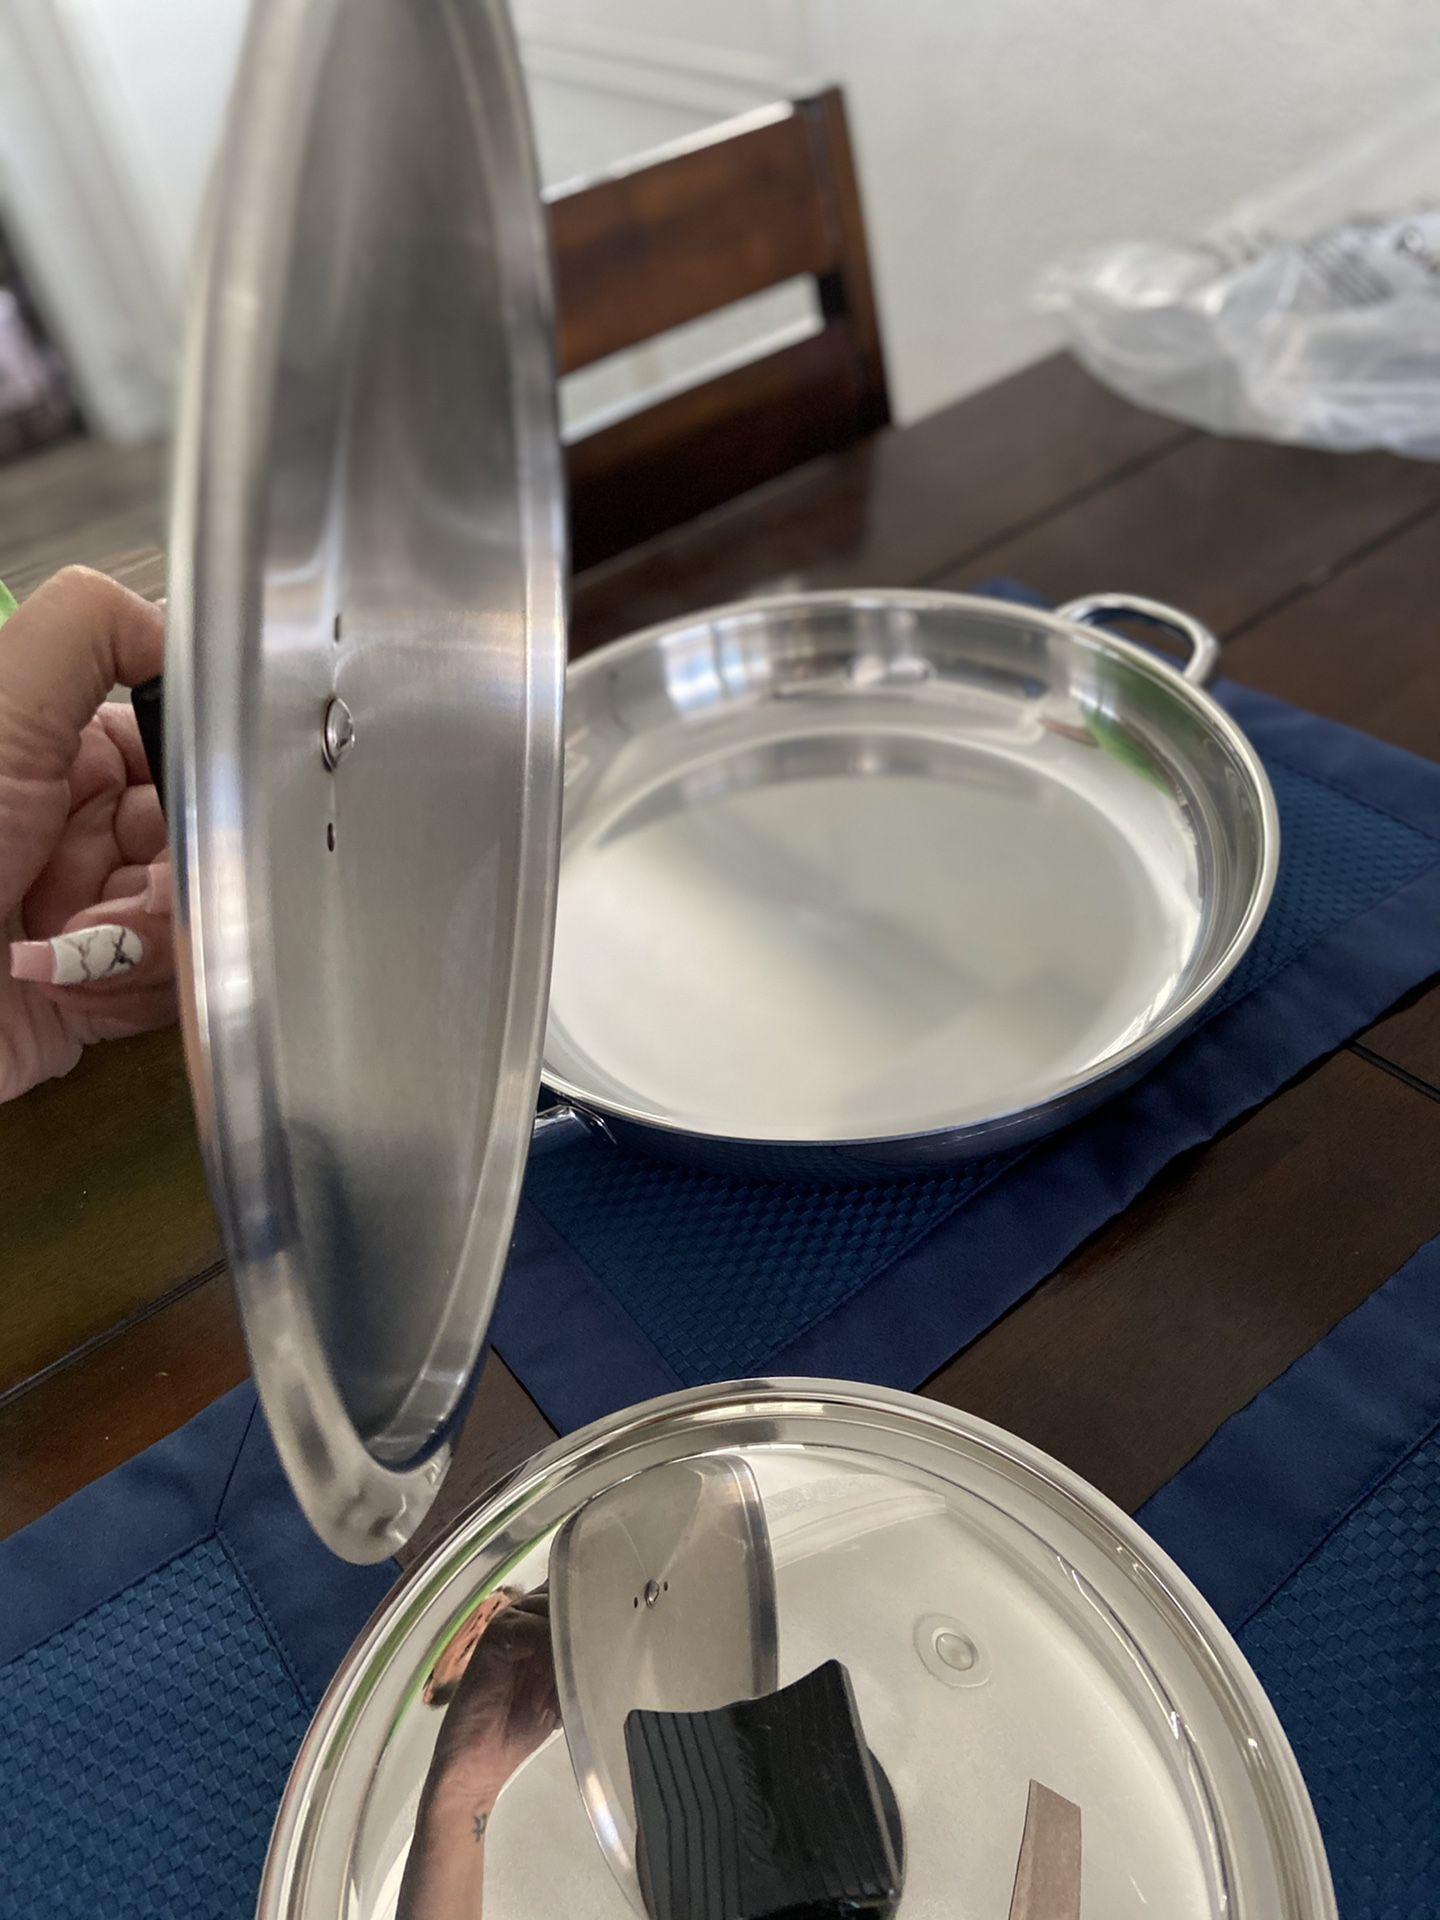 RENA WEAR SET OF 3 PANS